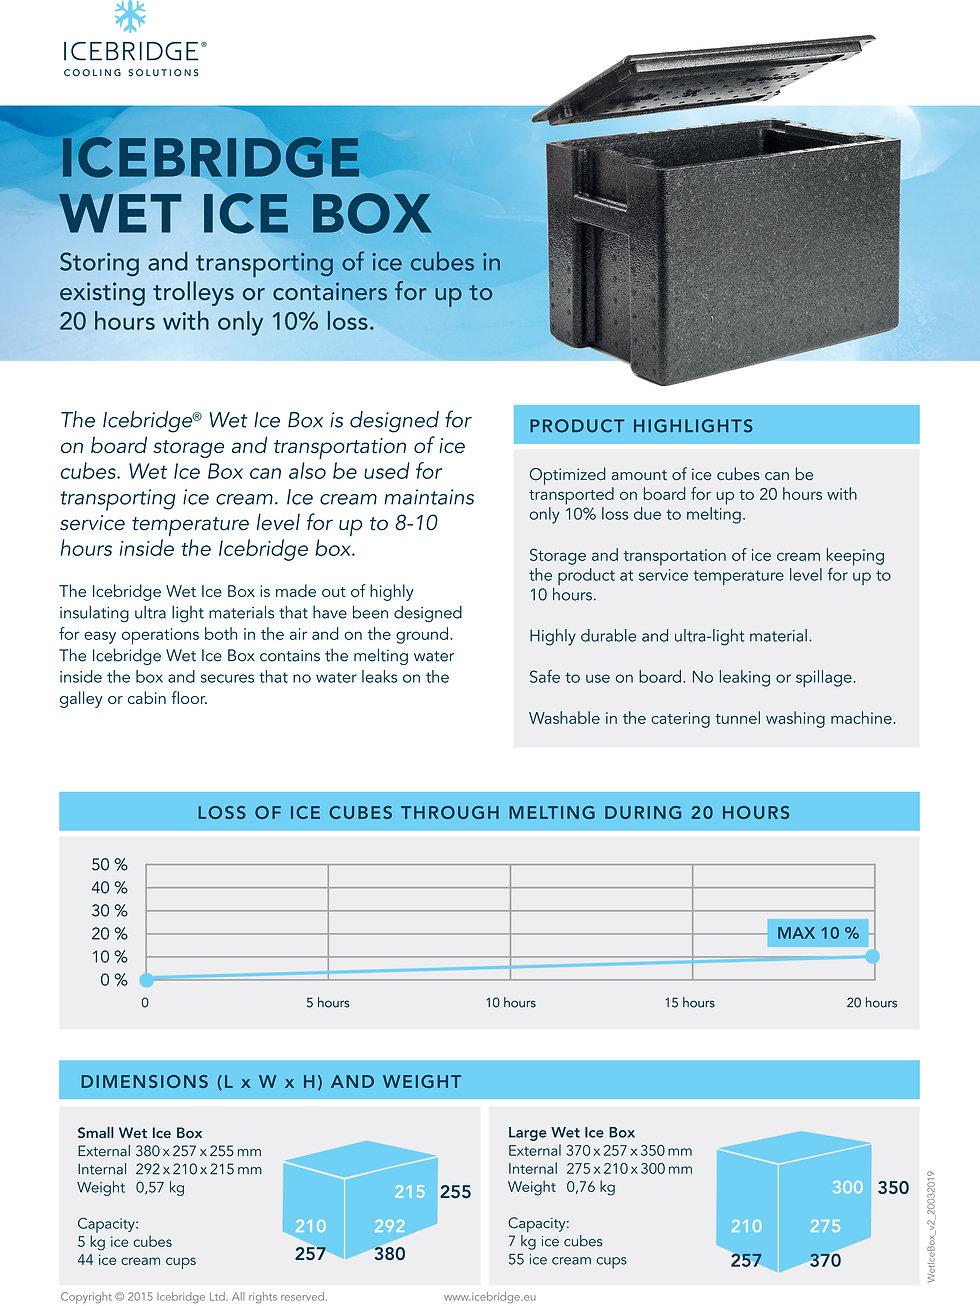 NEW_Icebridge_Wet_Ice_Box.jpg